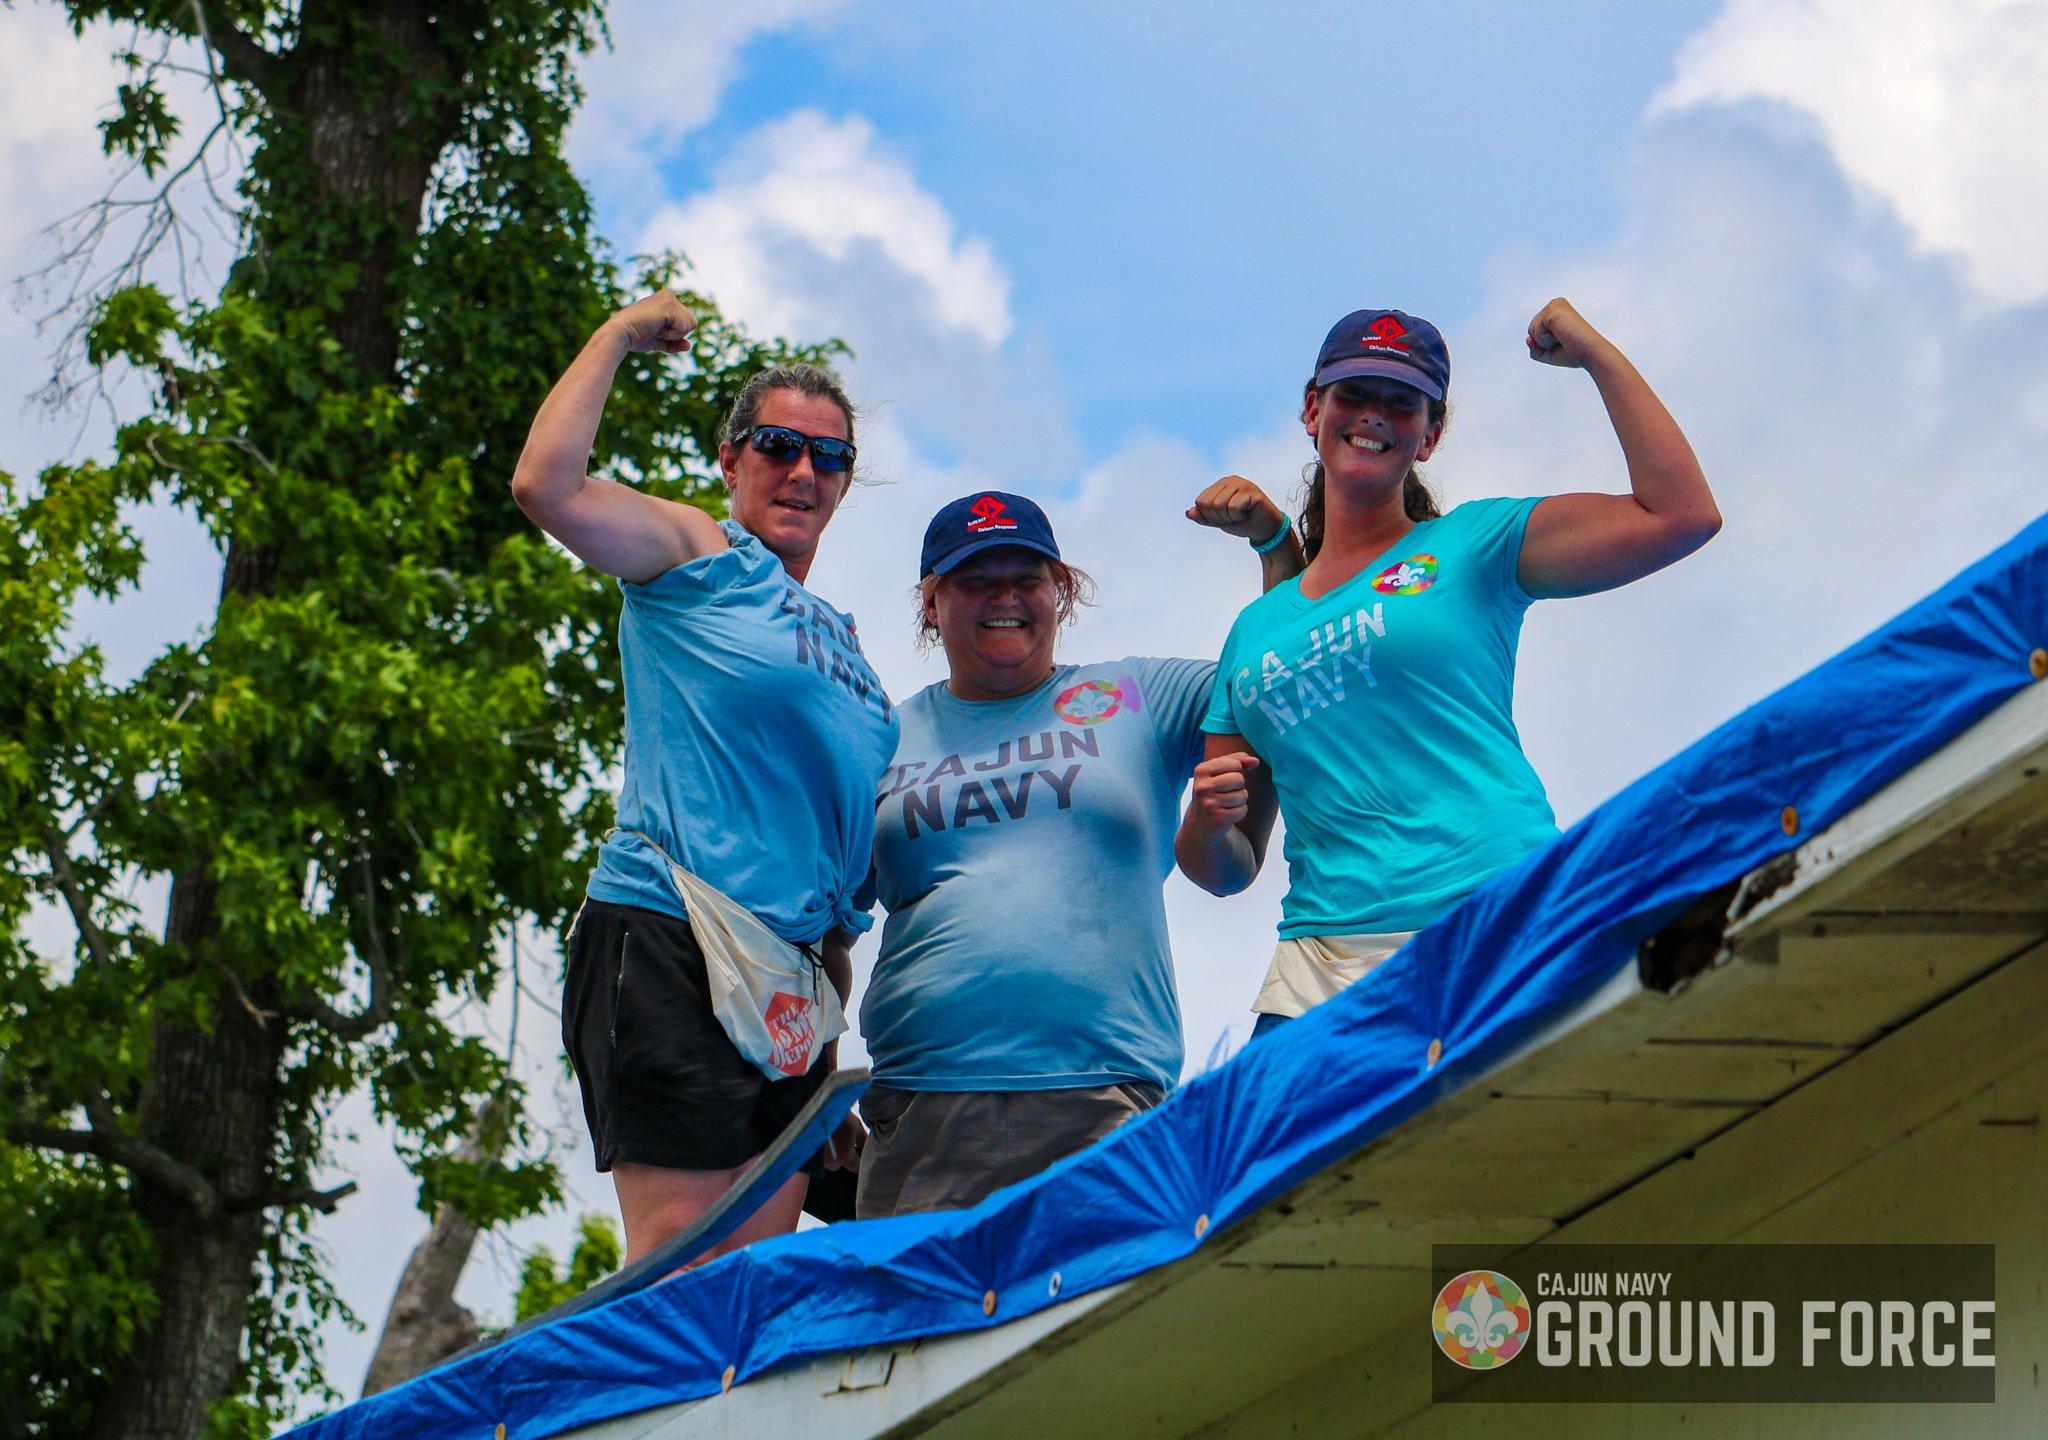 Cajun Navy Ground Force Facebook